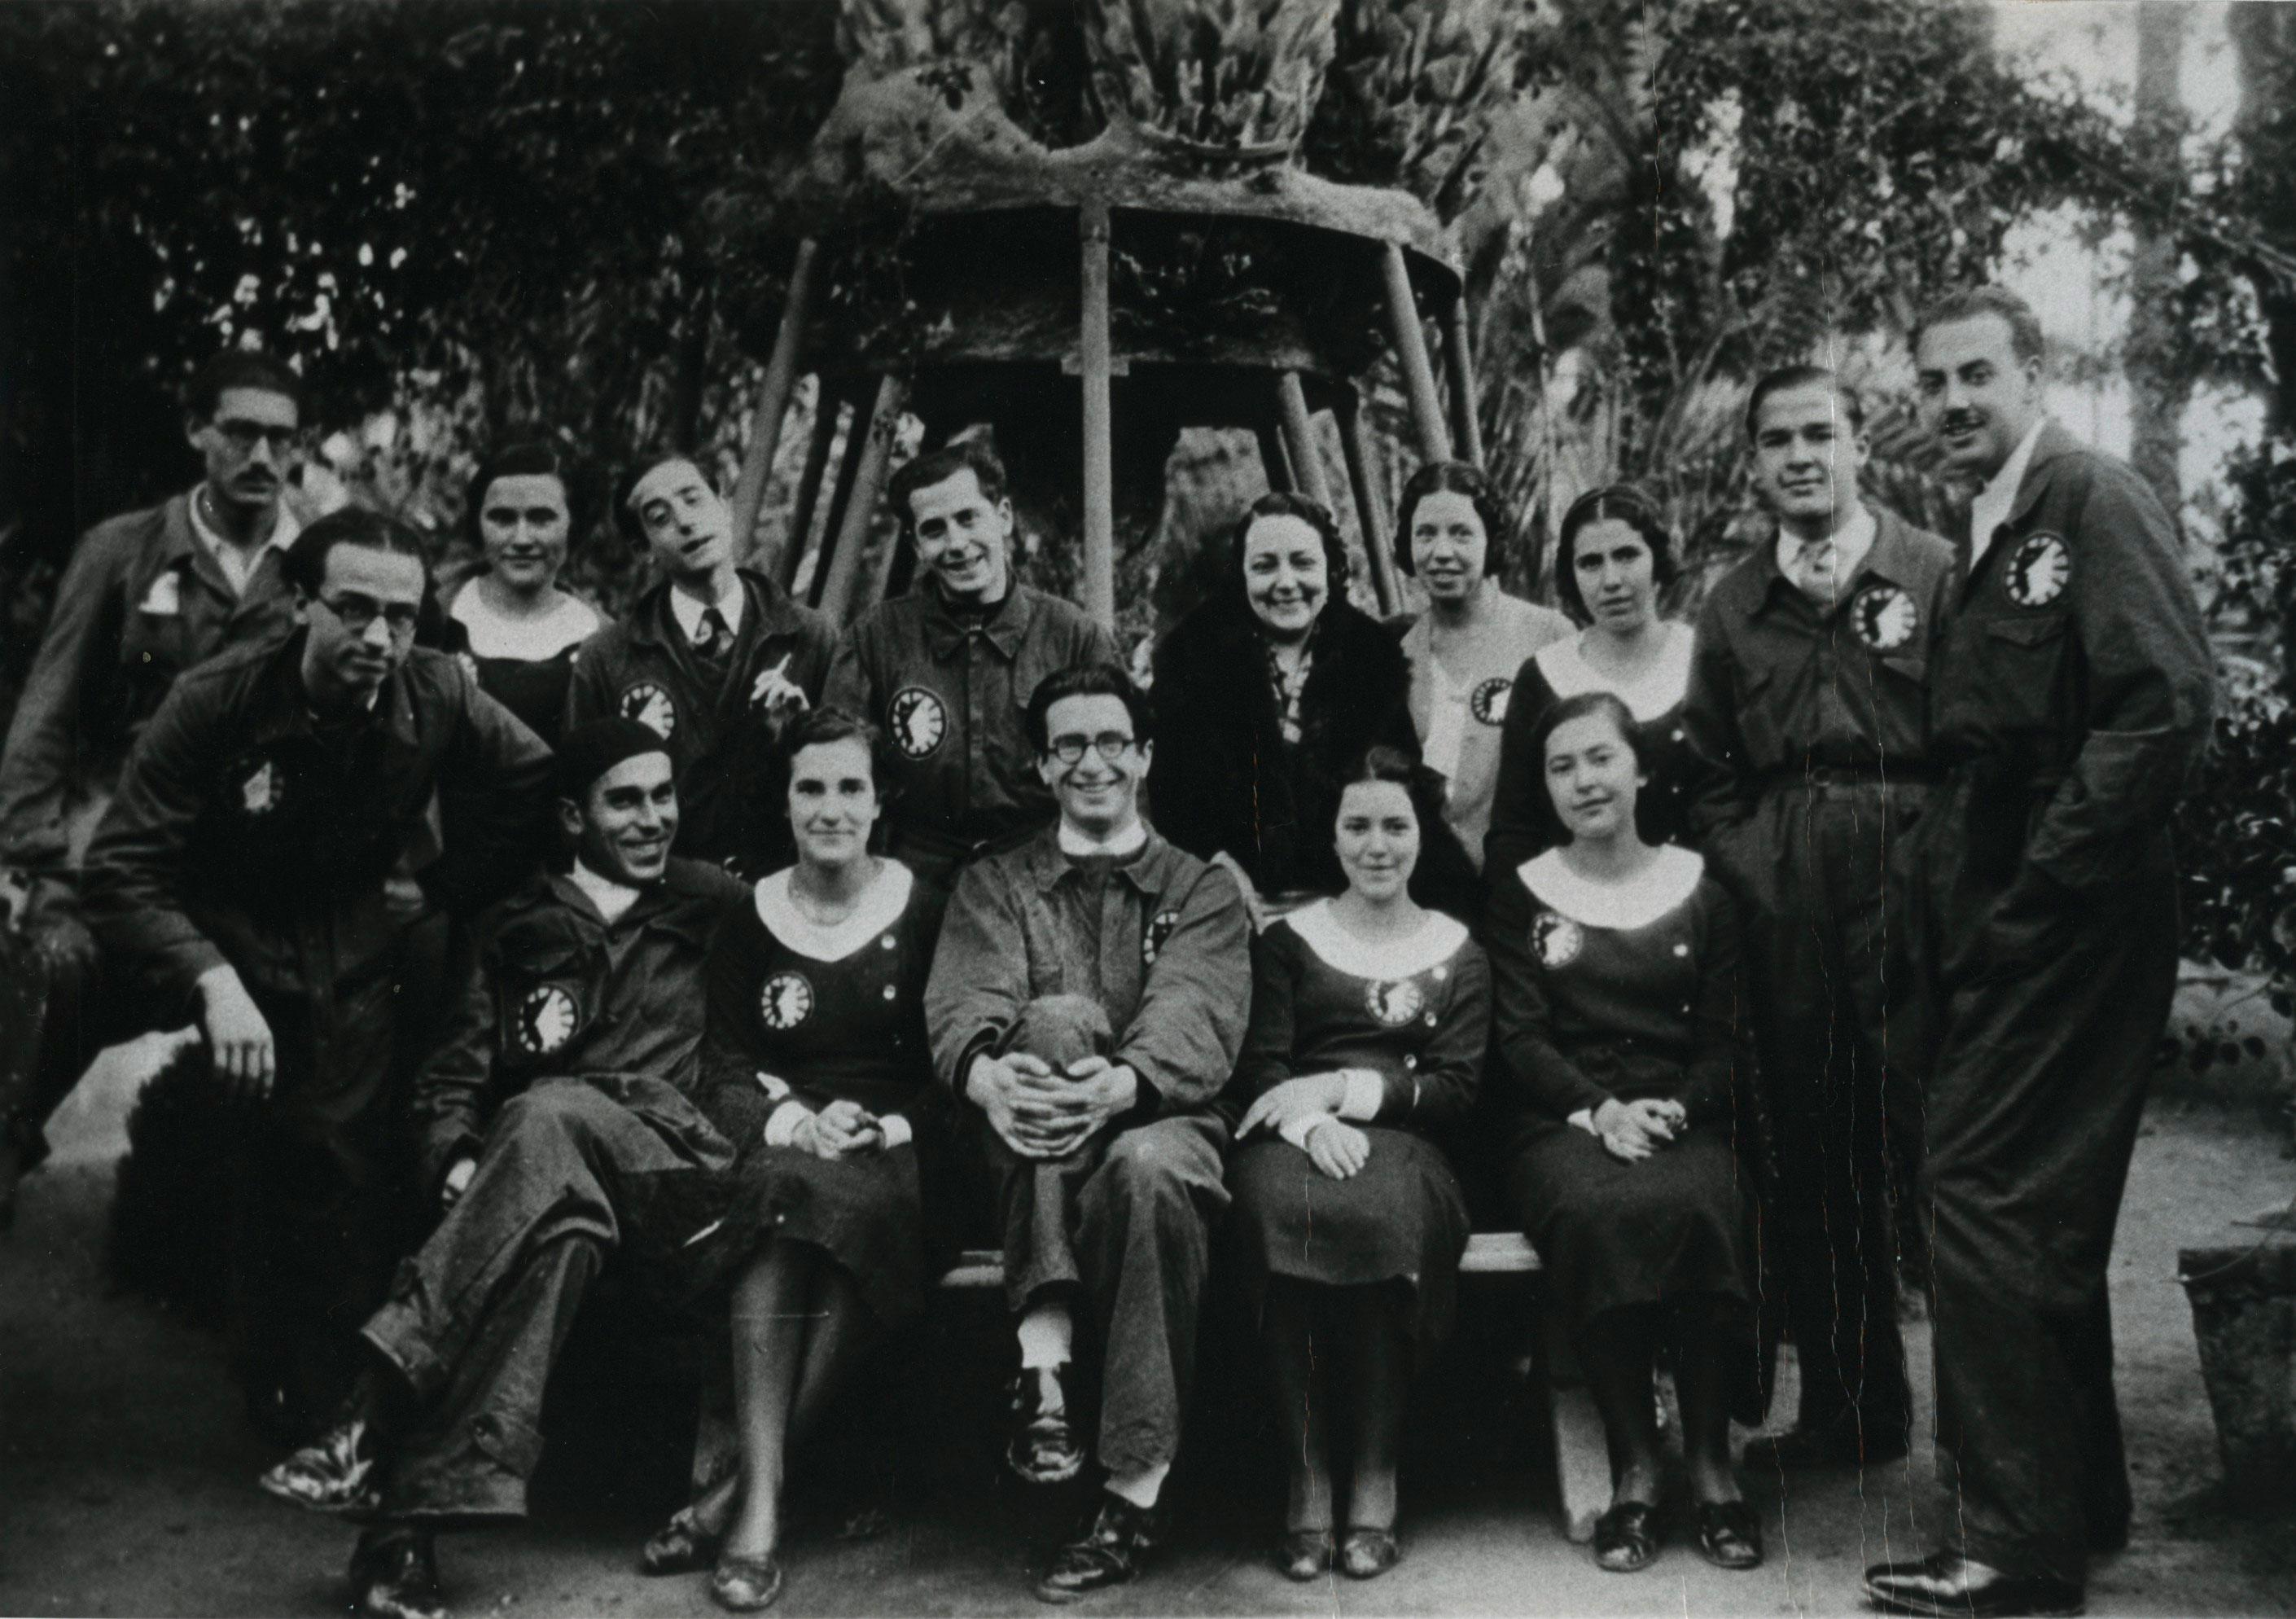 Jacinto-Higueras-en-La-Barraca-1932-9